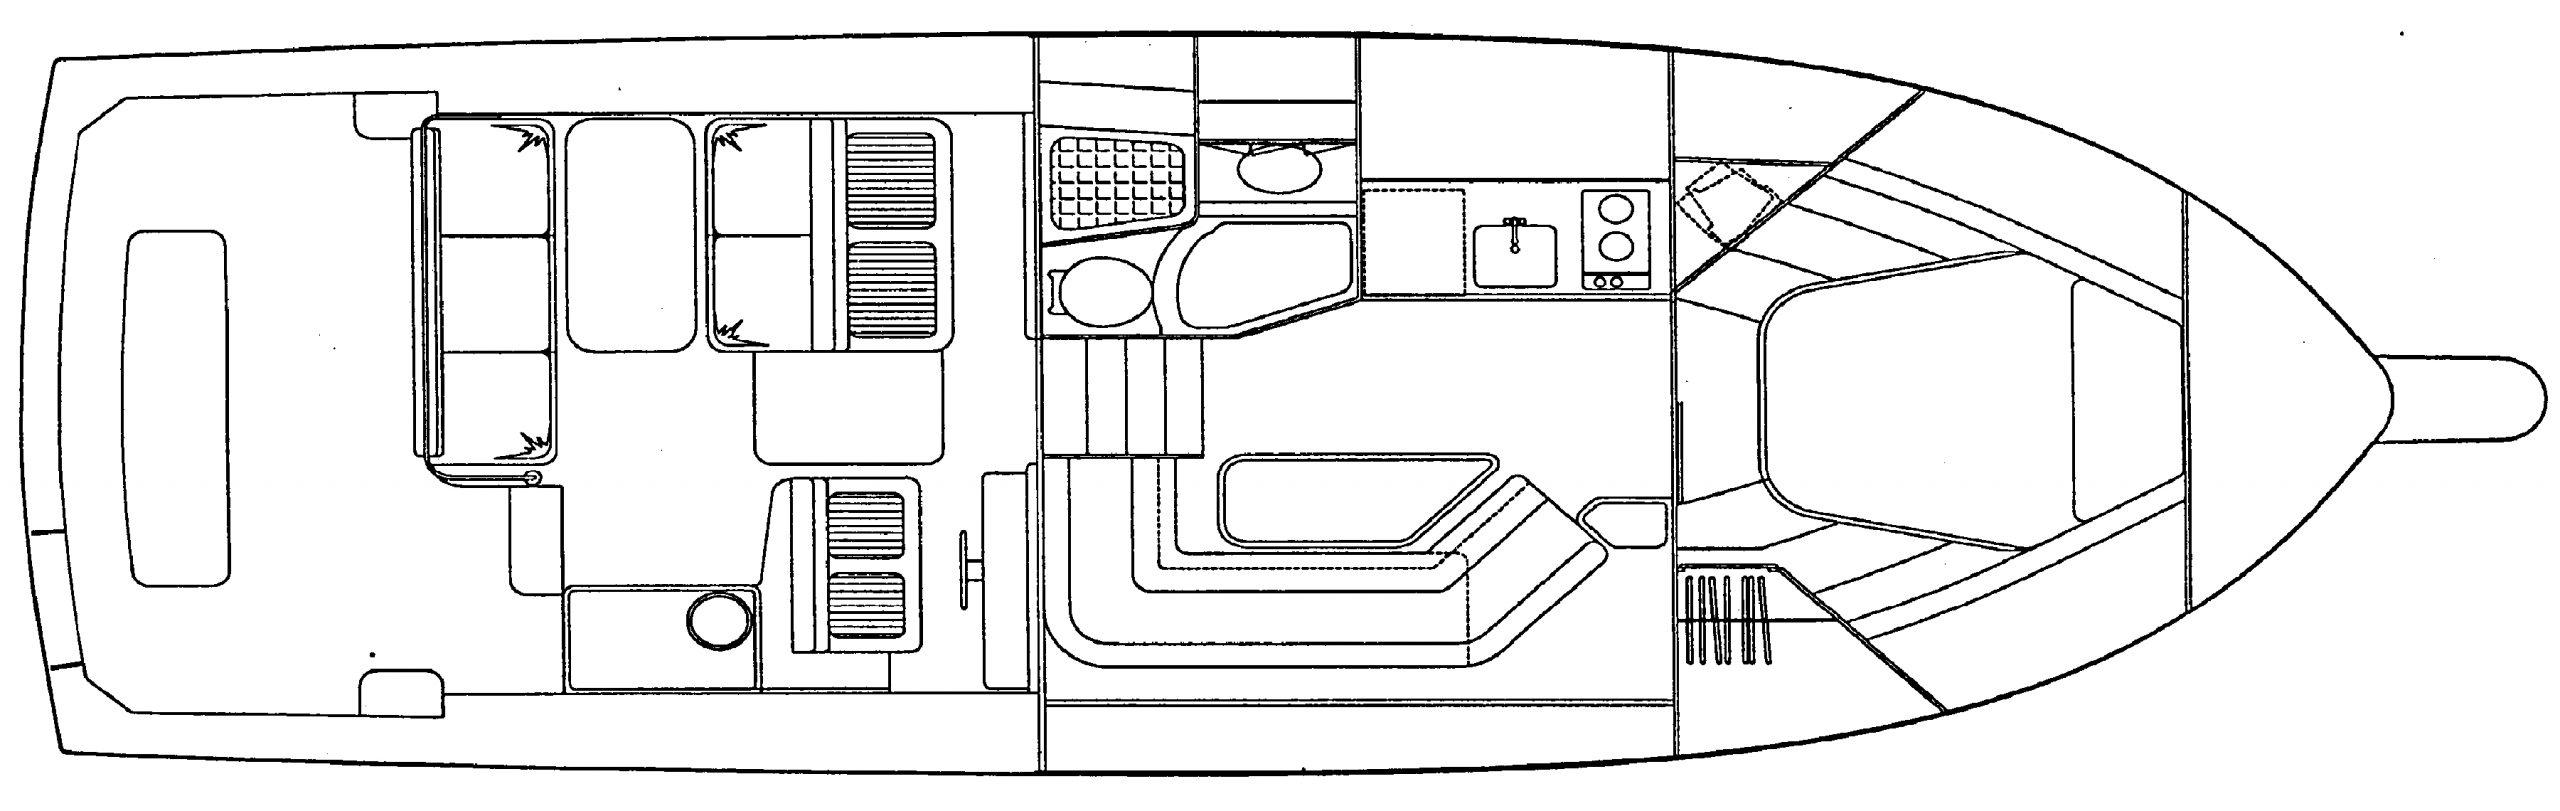 Bertram 36 Moppie Floor Plan 2